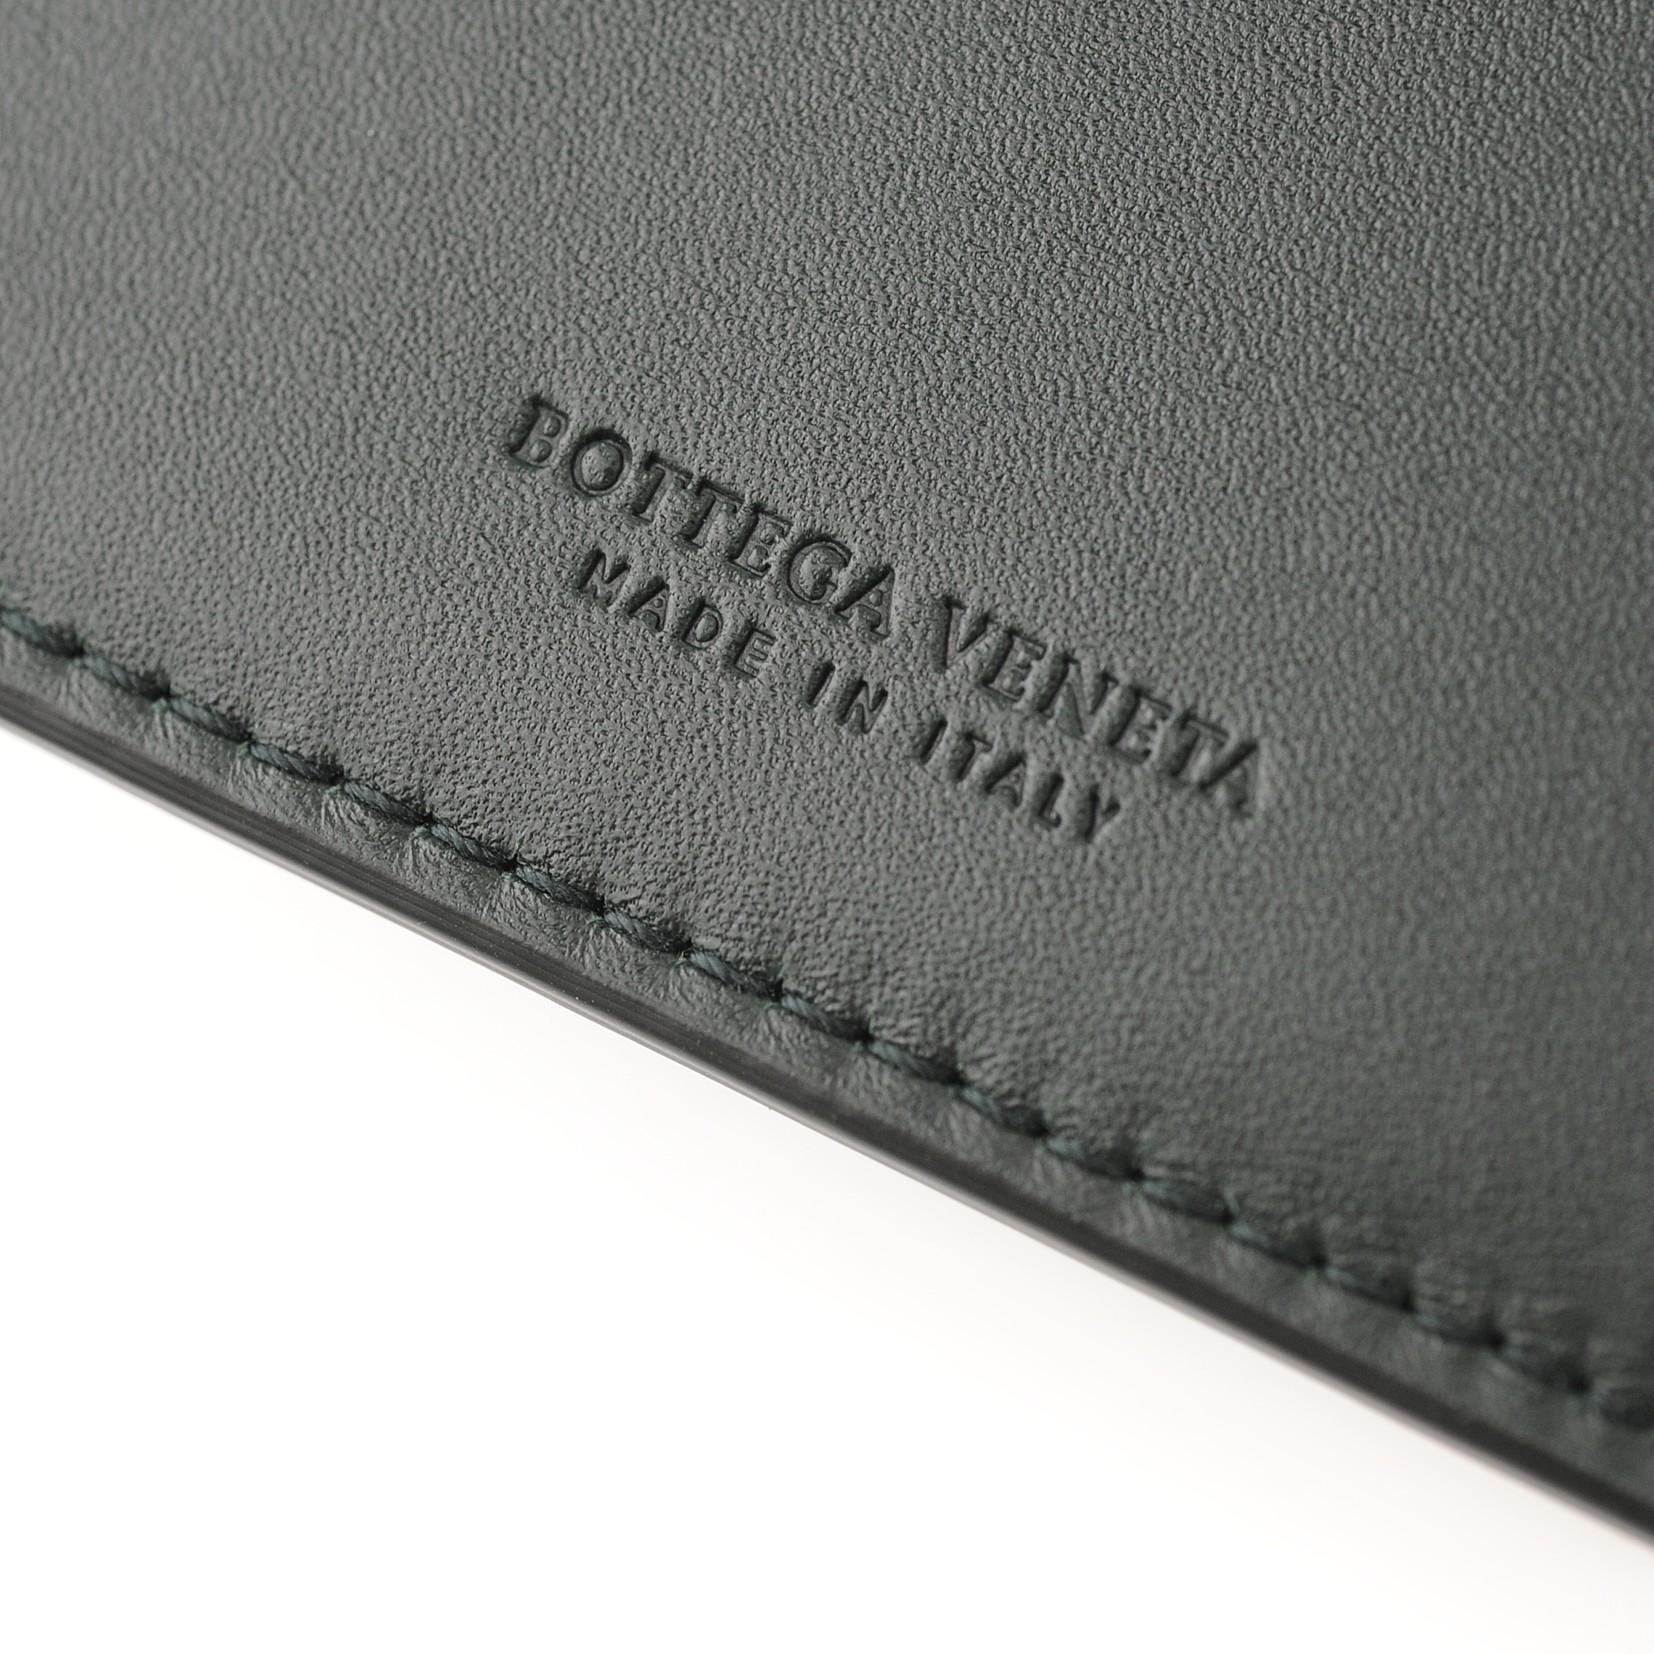 BOTTEGA VENETA イントレチャート 二つ折り財布